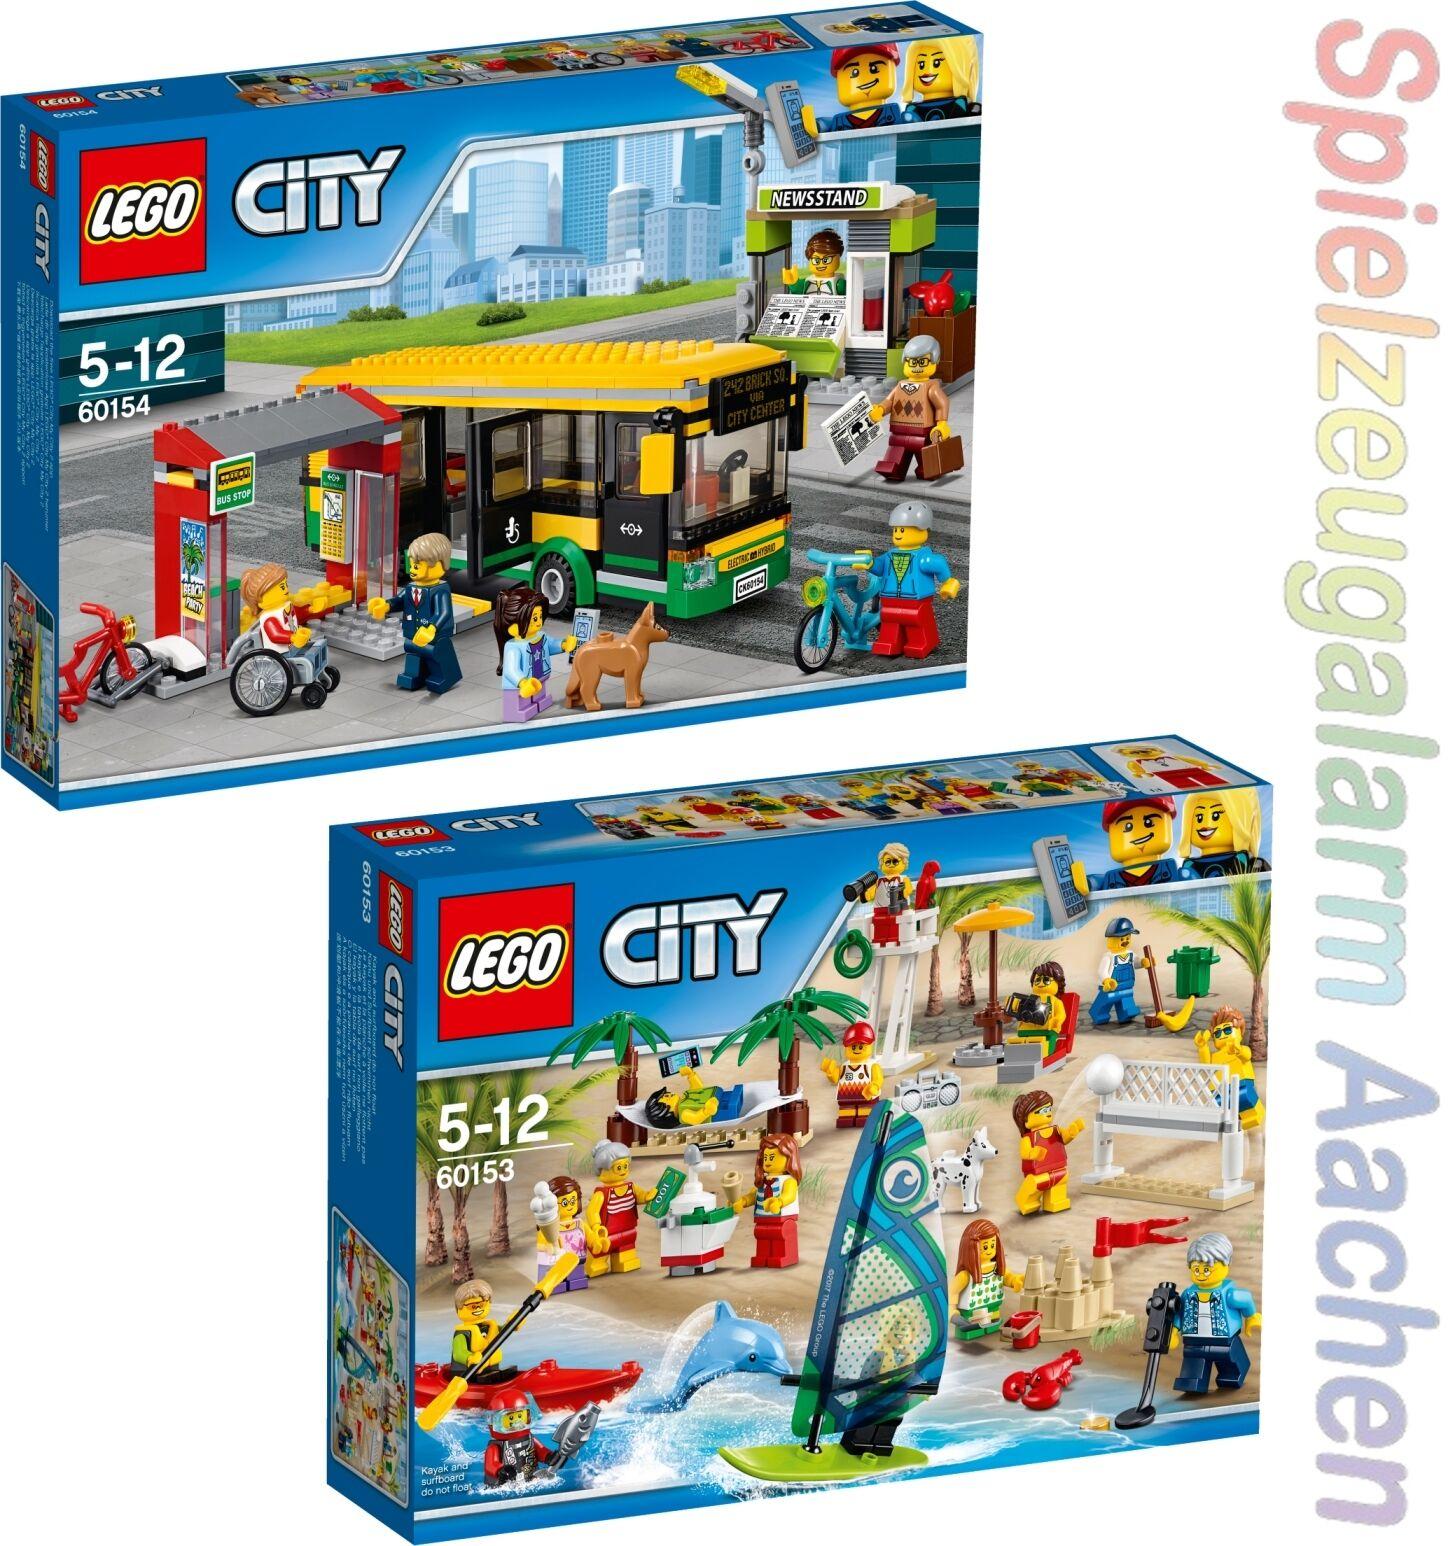 Lego 60153 60154 City playa personas + terminal de autobuses autobús estación + Beach speak n7 17